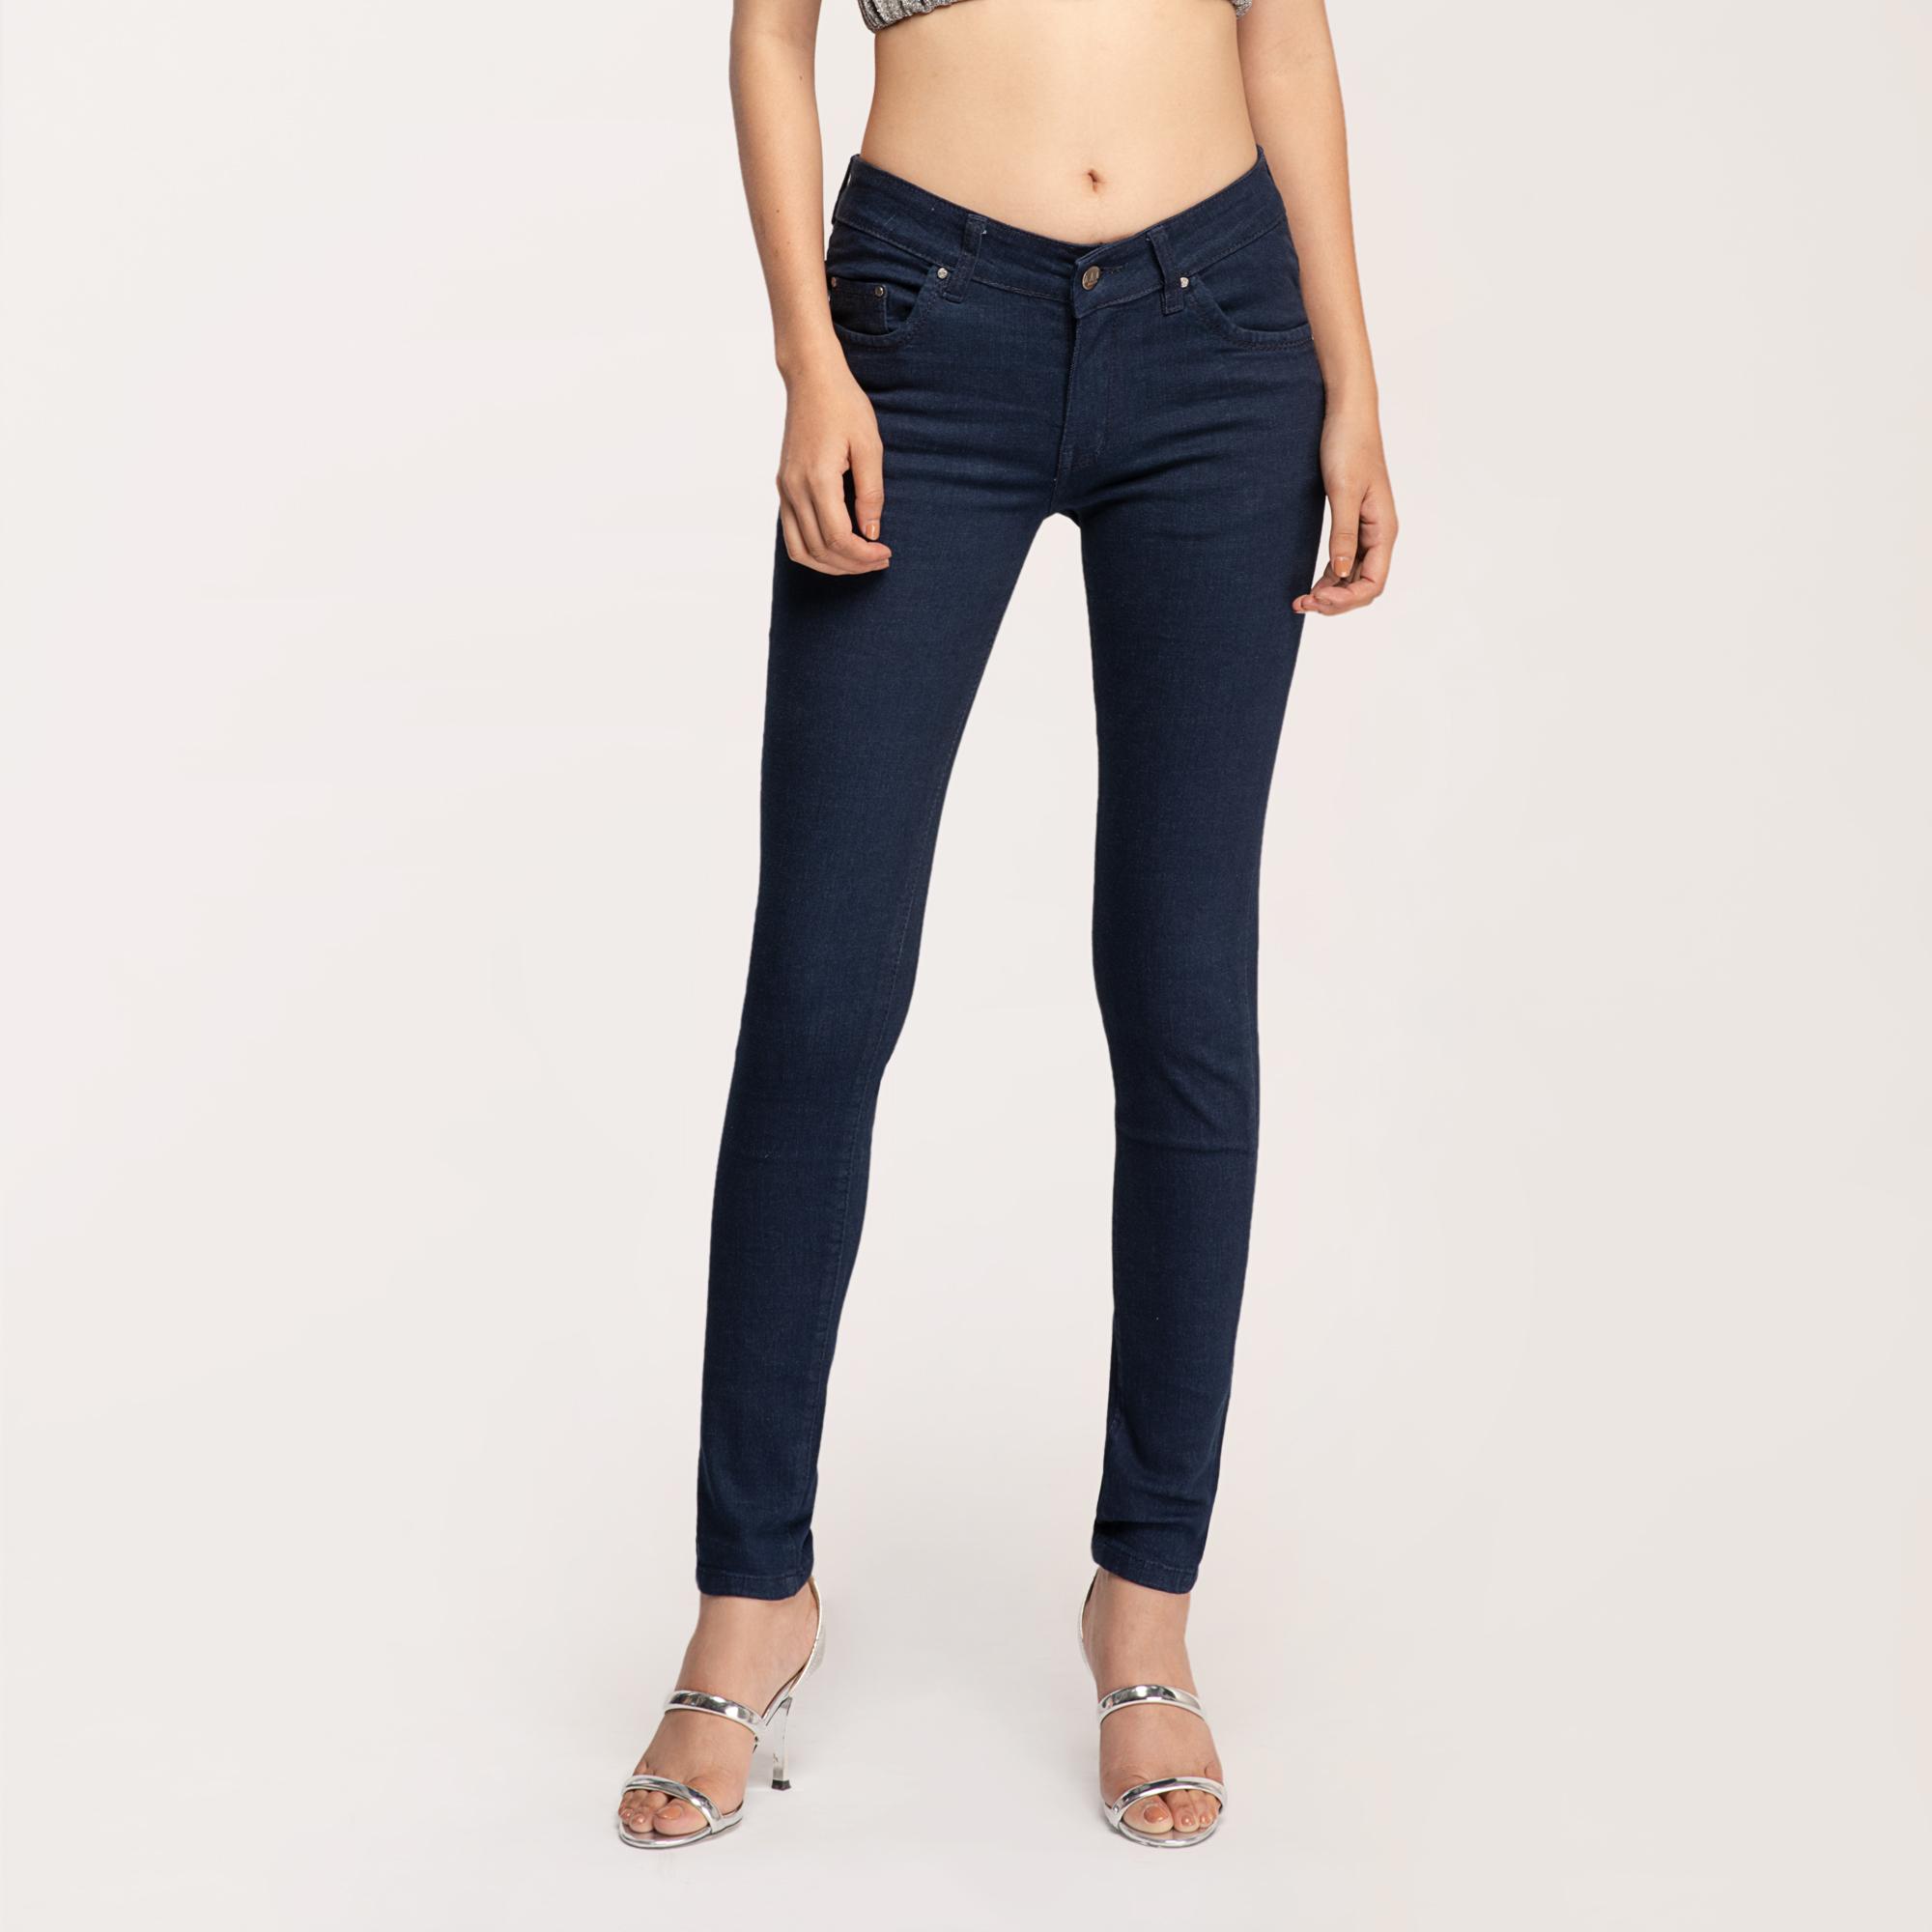 Quần Jean Nữ Skinny Lưng Vừa Aaa Jeans Có Nhiều Màu Size 26 - 32 19